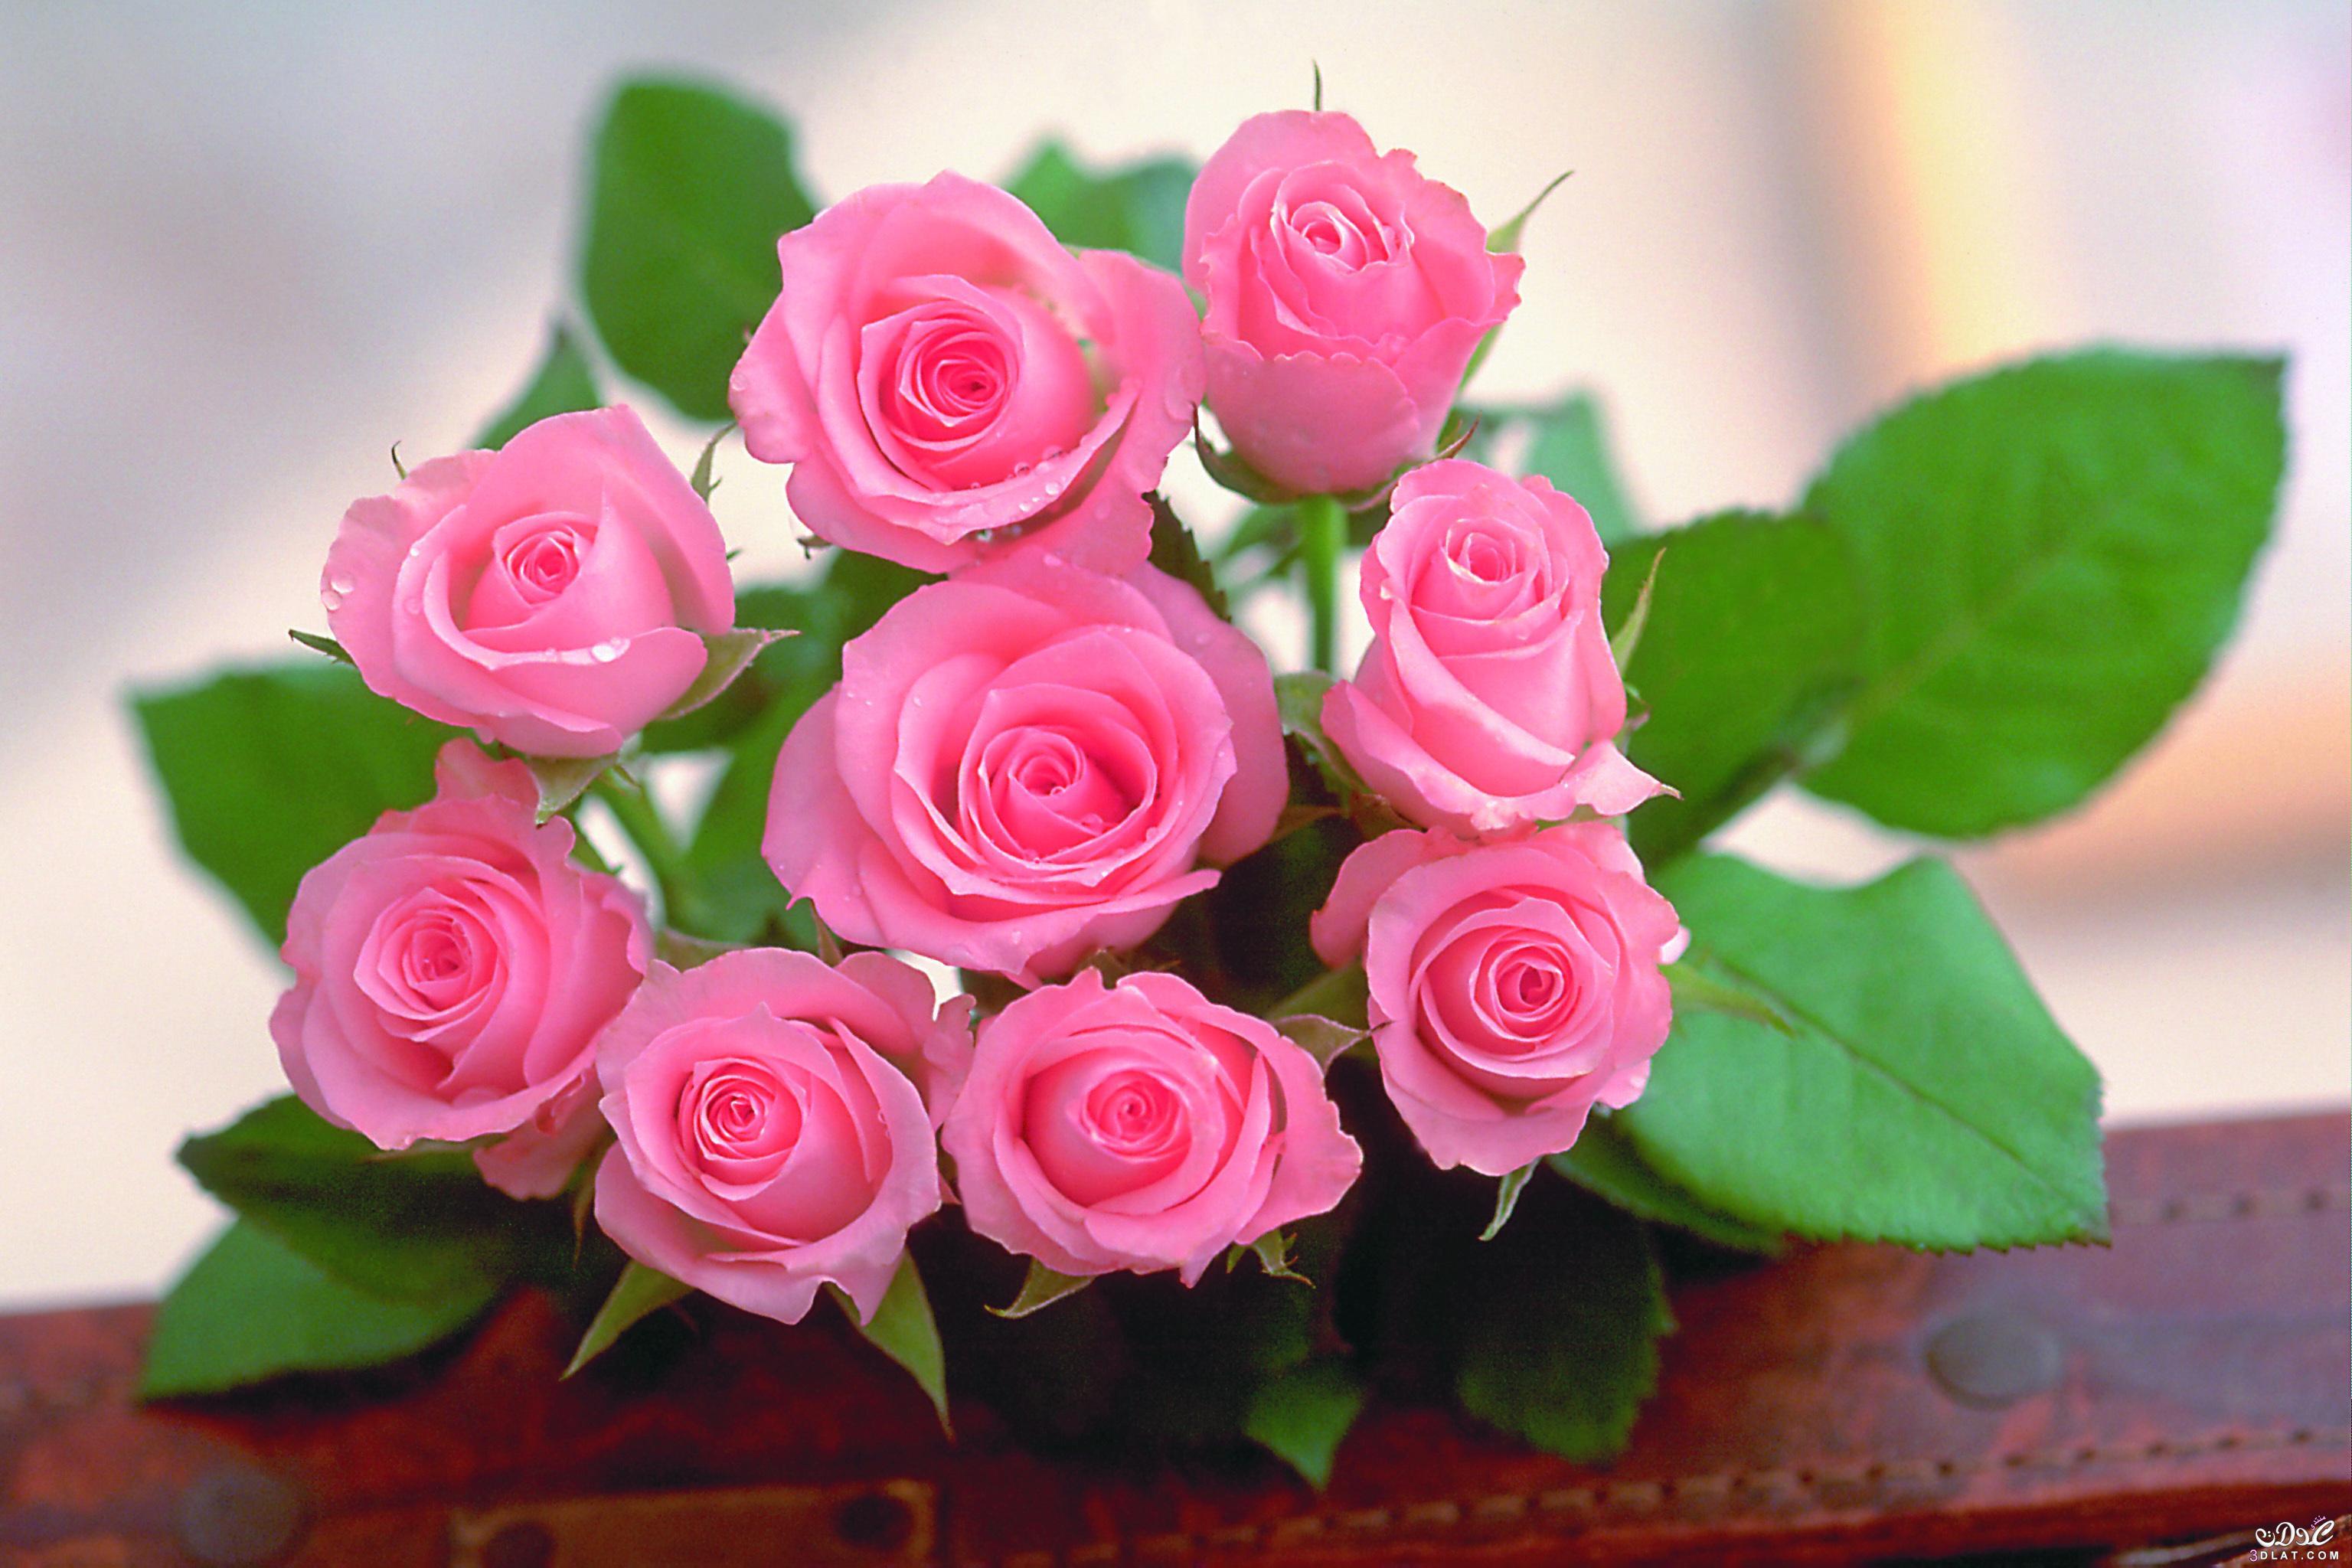 بالصور صور اجمل الورود , ورود برونق خاص 1020 2